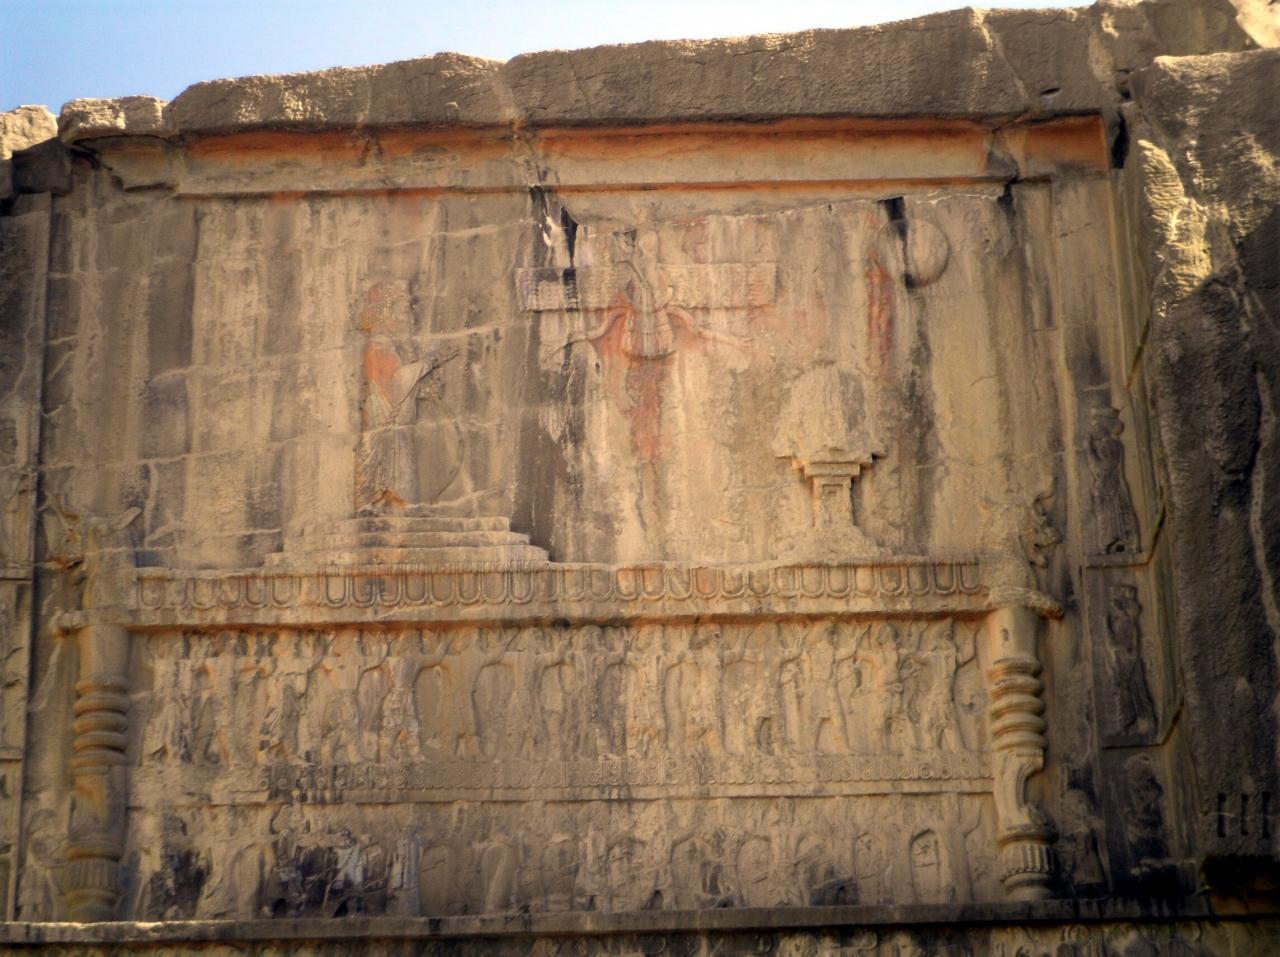 ユーラシア 東へ35: ペルシャのふるさと・ペルセポリス 「大王たちが眠る墓」